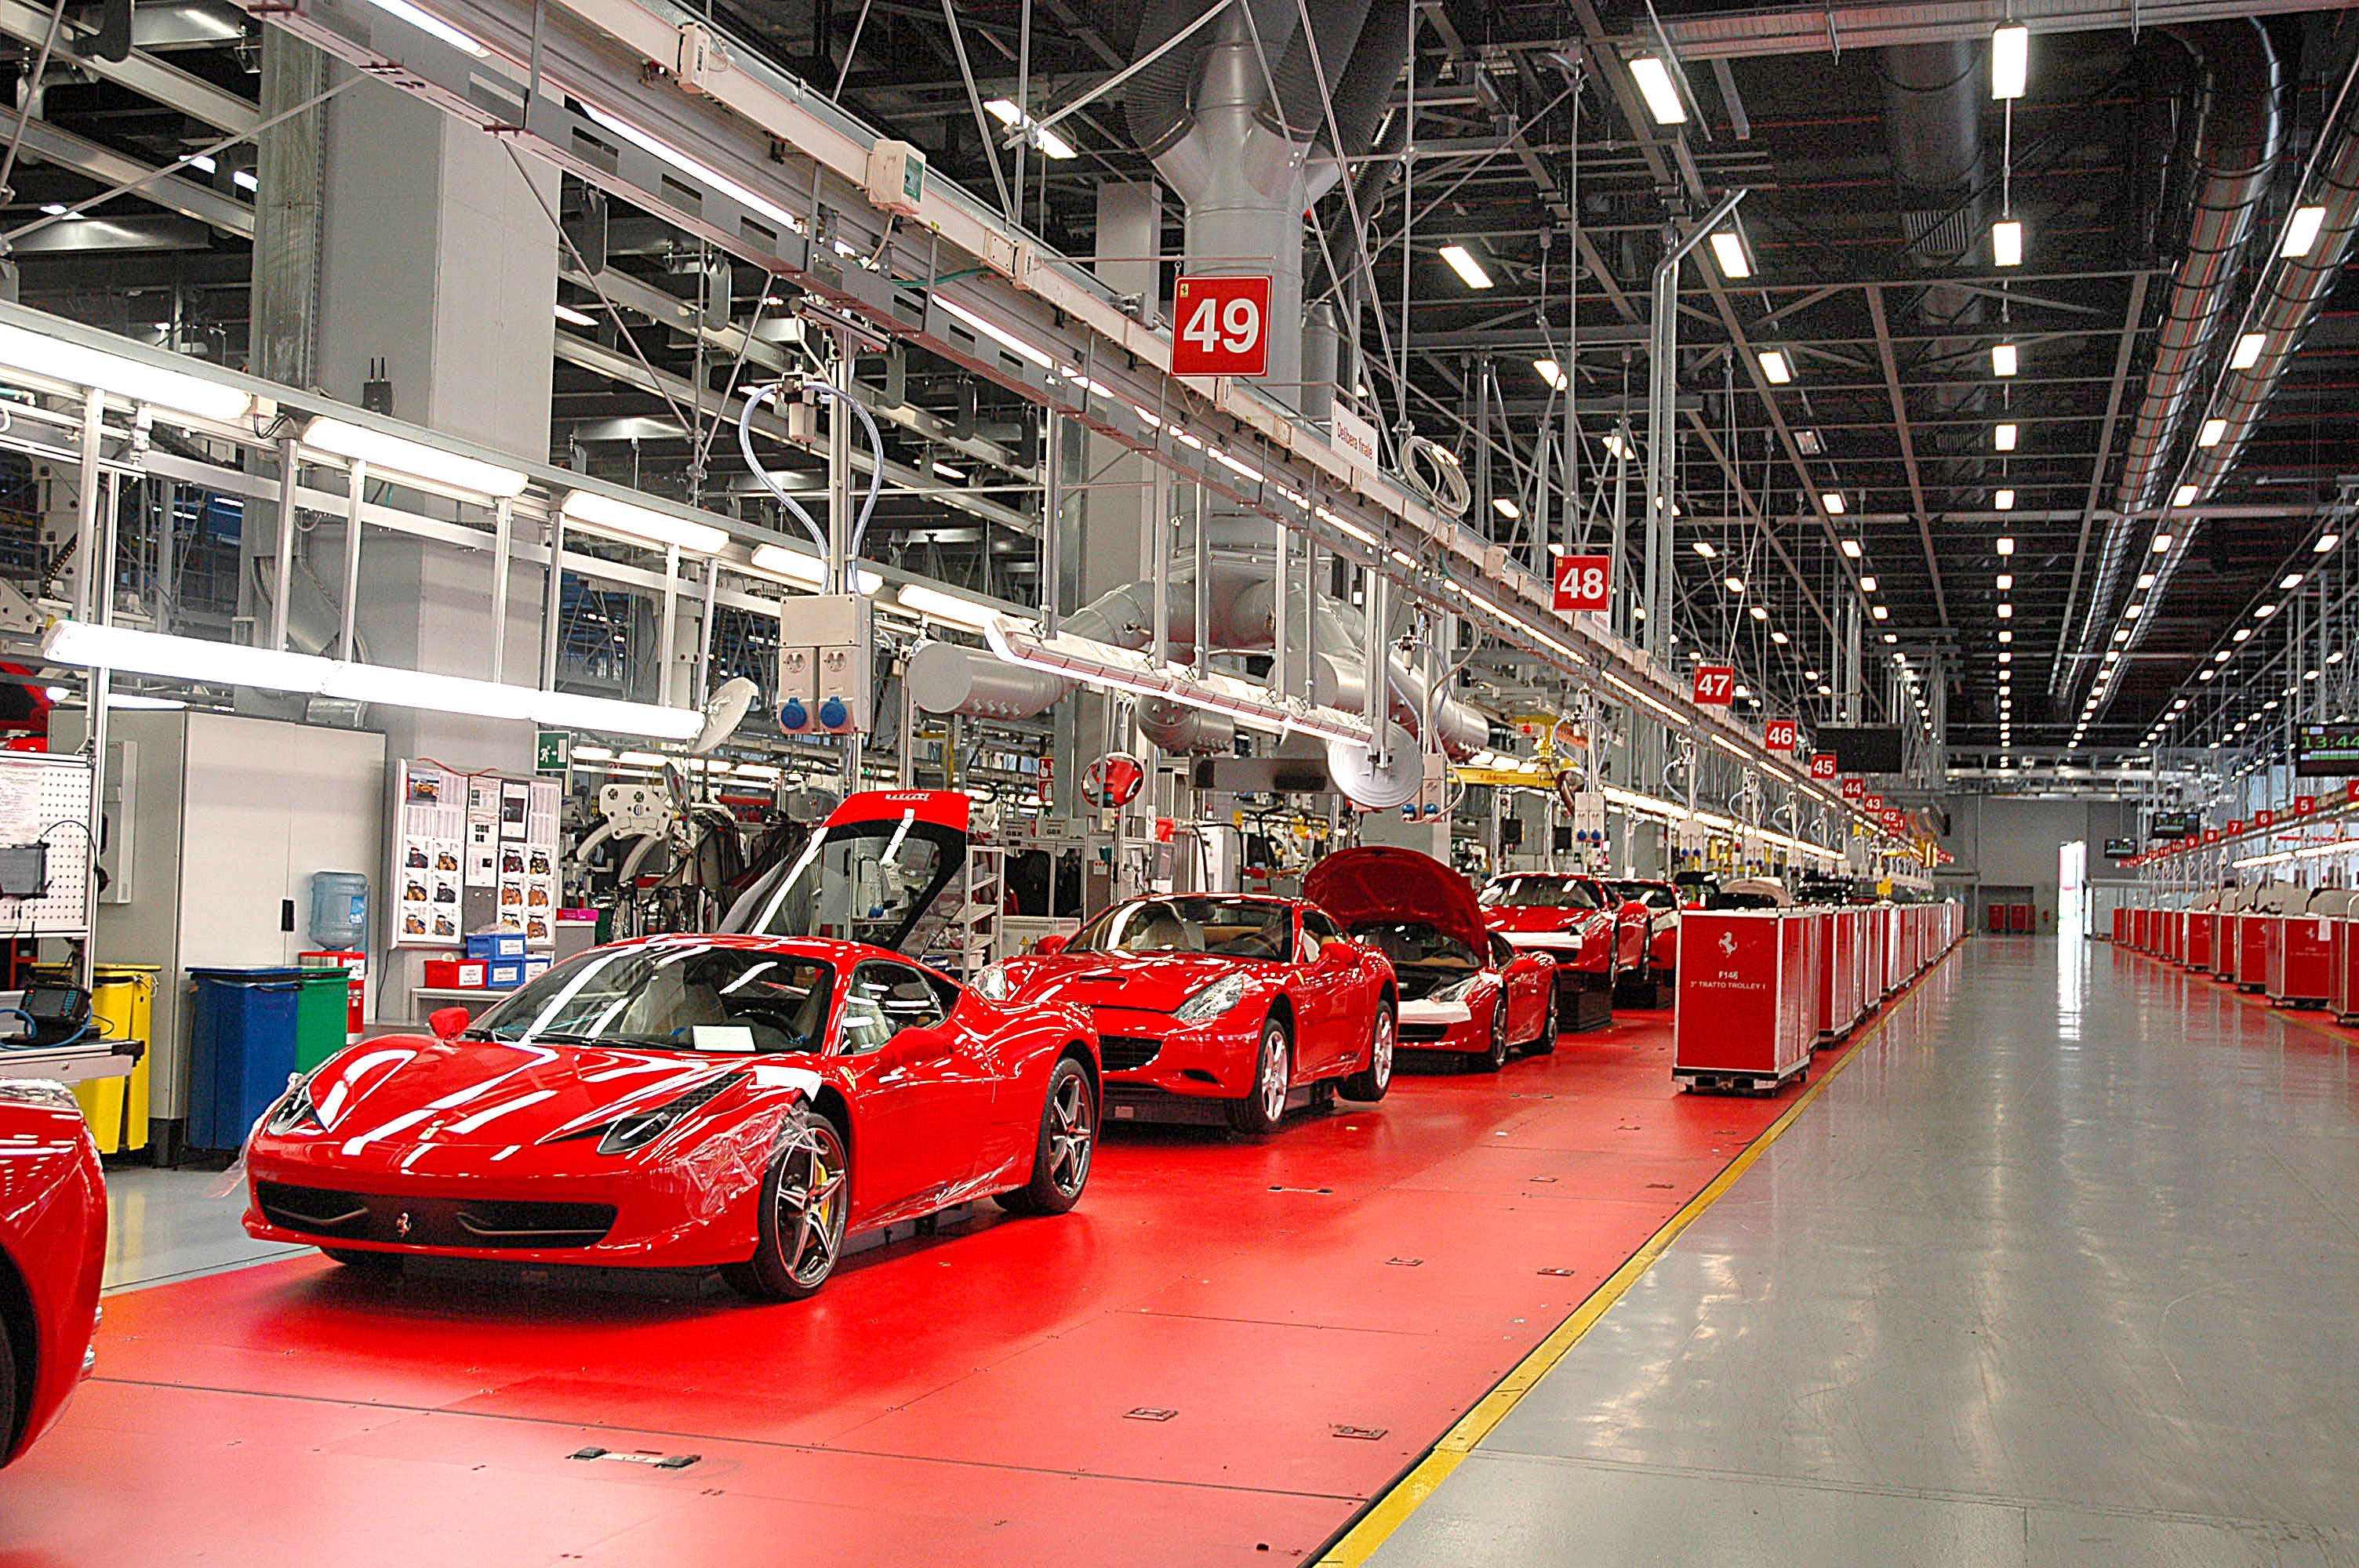 fa80c292a سعودي شفت » شركات السيارات » سيطرة السيارات الفاخرة على الصناعة